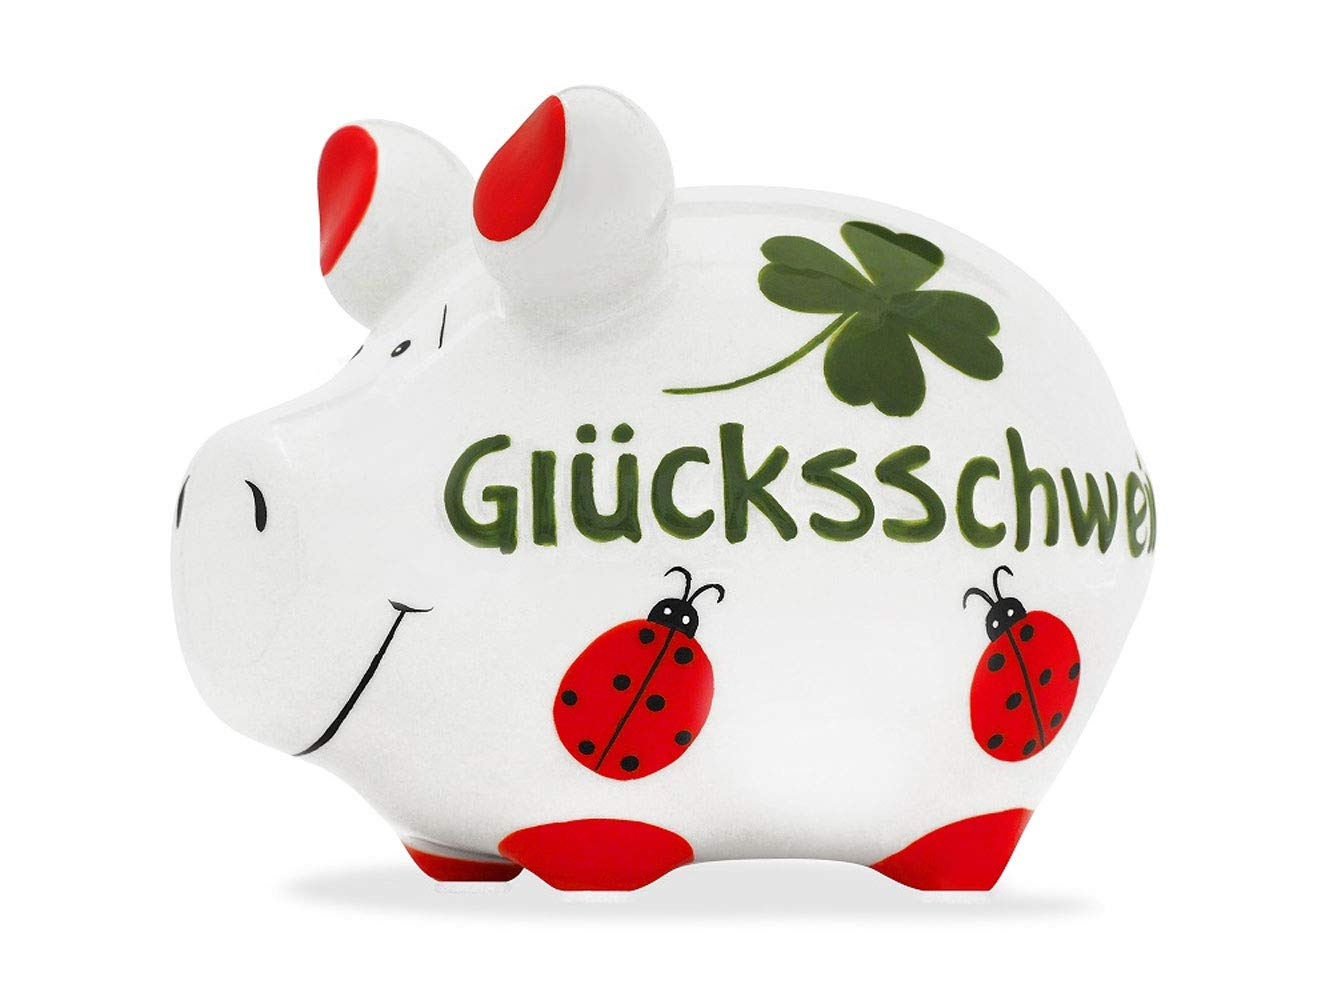 Riesen Mega Jumbo Sparschwein 31 cm x 26cm mit Kleeblatt und Marienkäfer